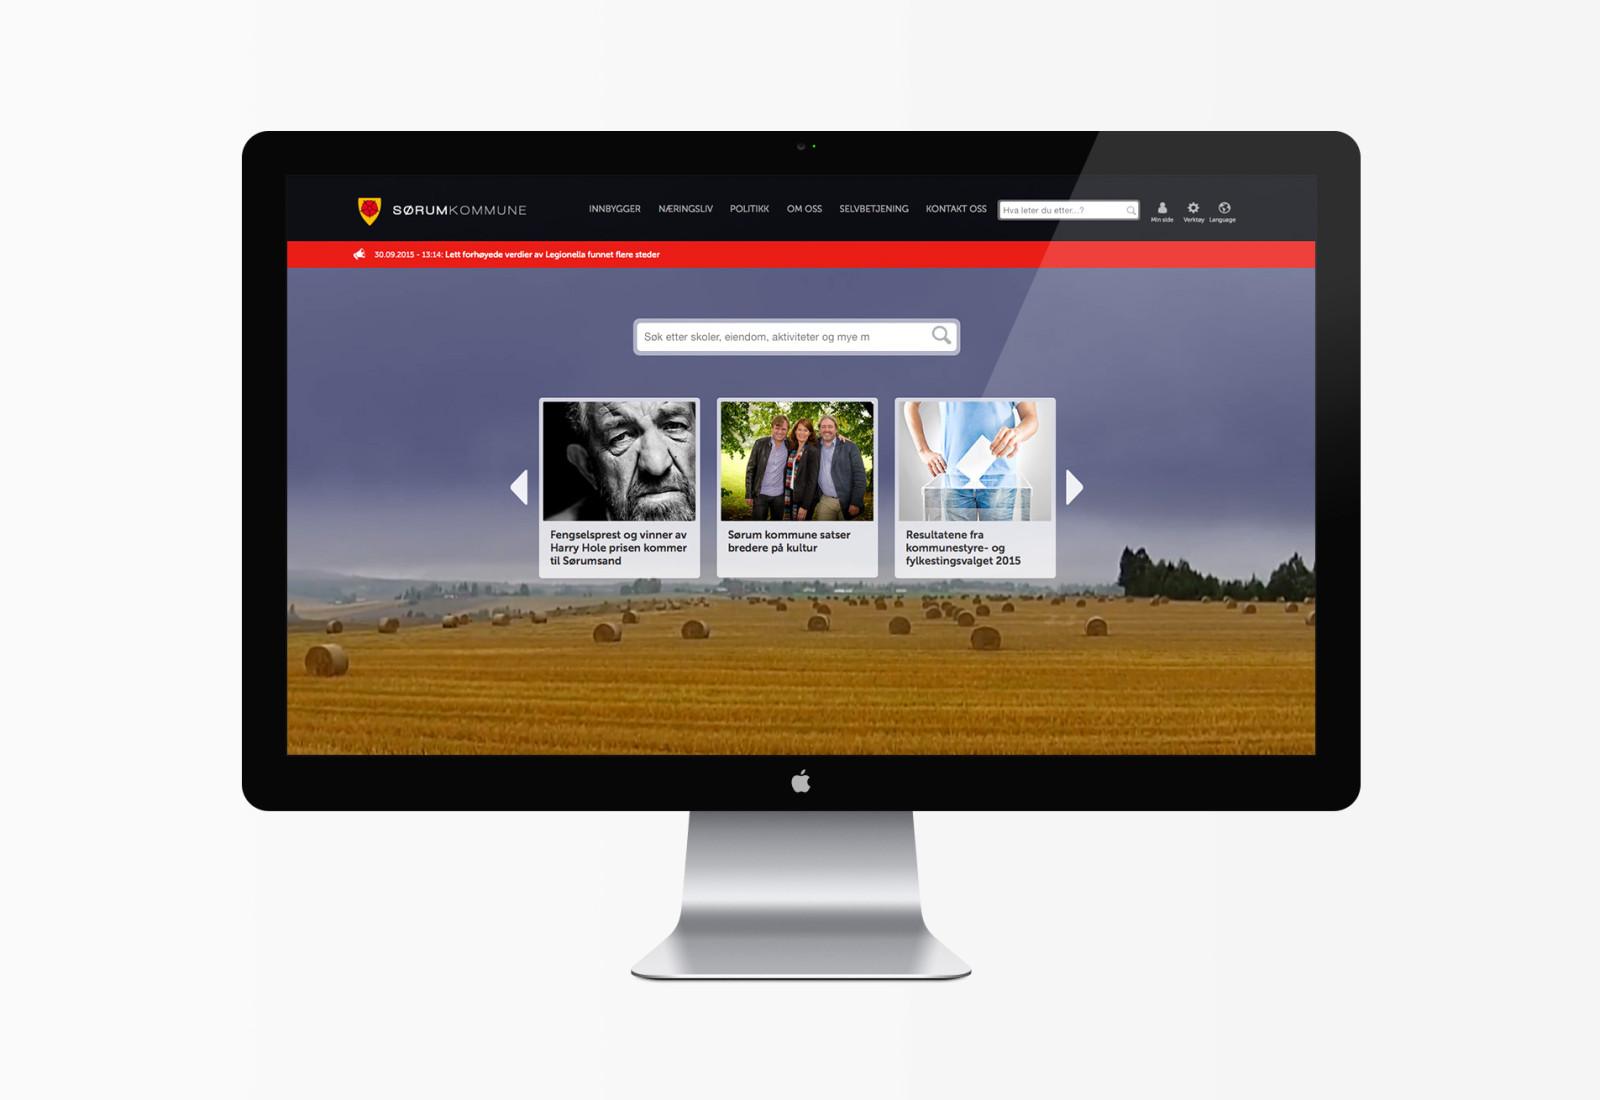 Sorum_web-desktop 1905x1310